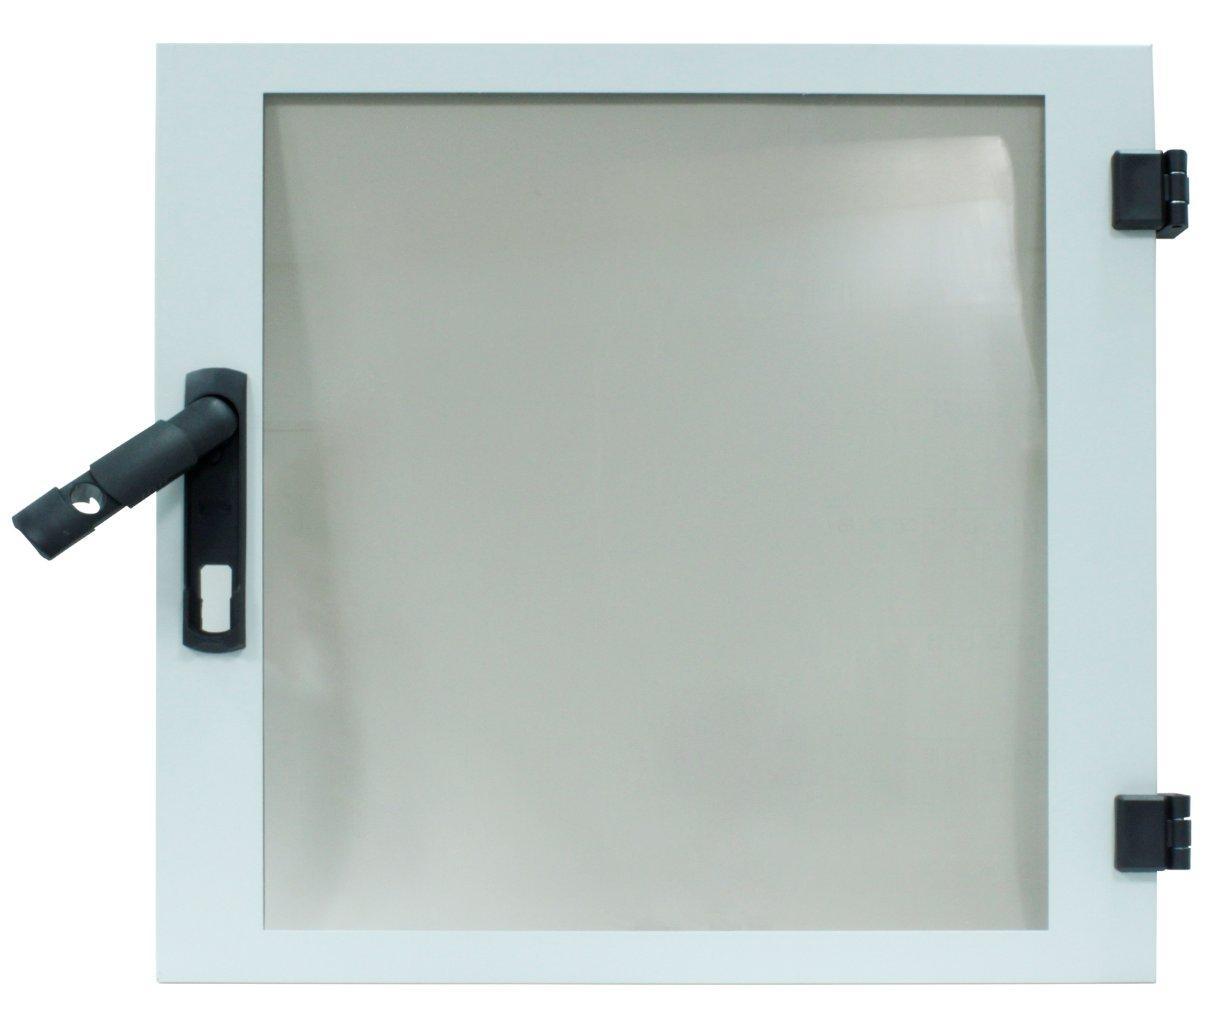 1 Stk Glas-Tür für DW-Schrank 9HE, B600, RAL7035, HZ-Vorbereitung DWRT0967--